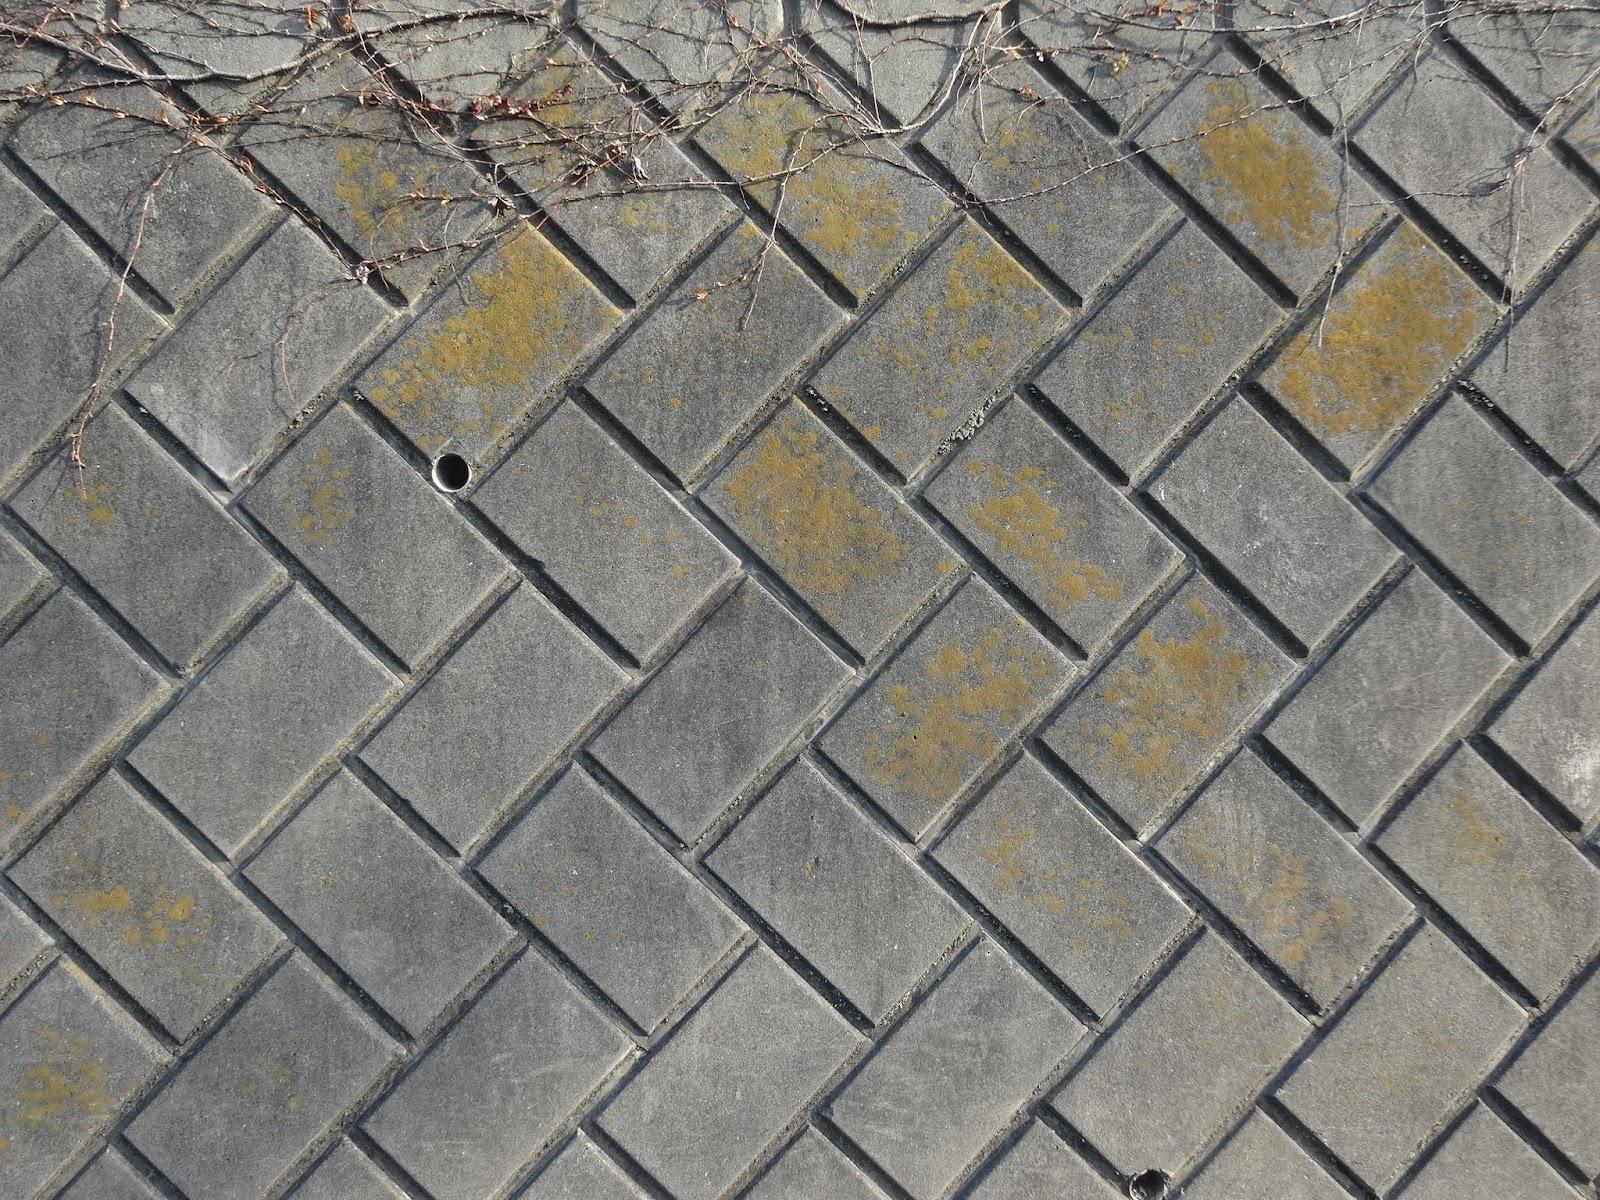 石垣,ブロック塀,土台〈著作権フリー画像〉Free Stock Photos